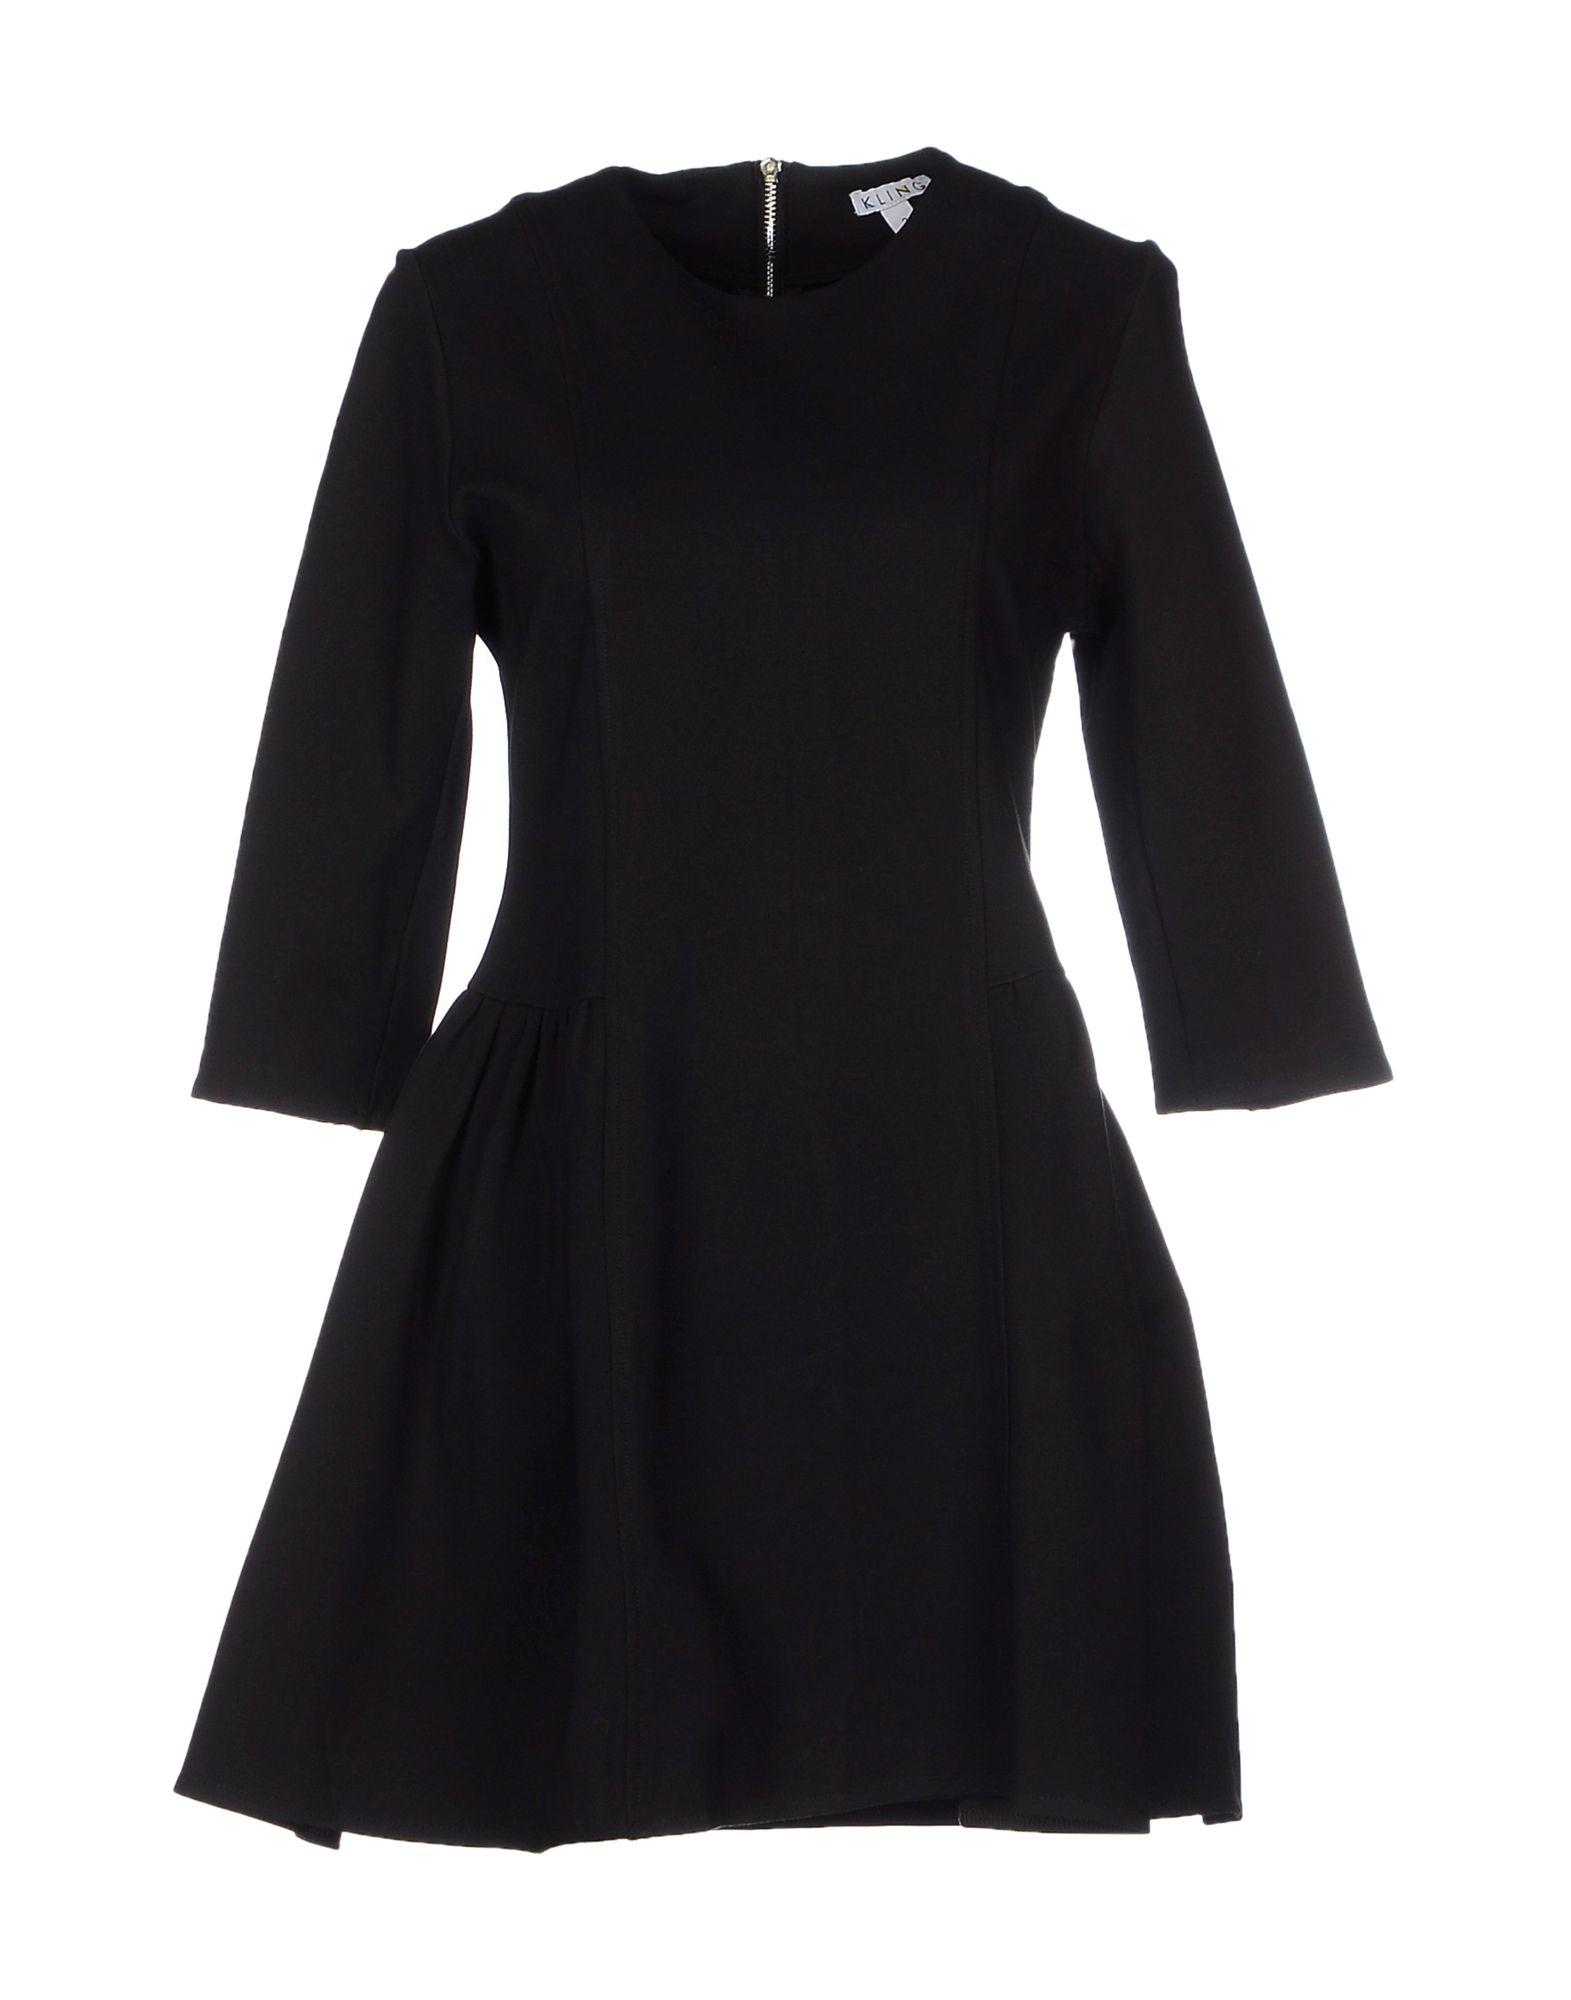 KLING Damen Kurzes Kleid Farbe Schwarz Größe 3